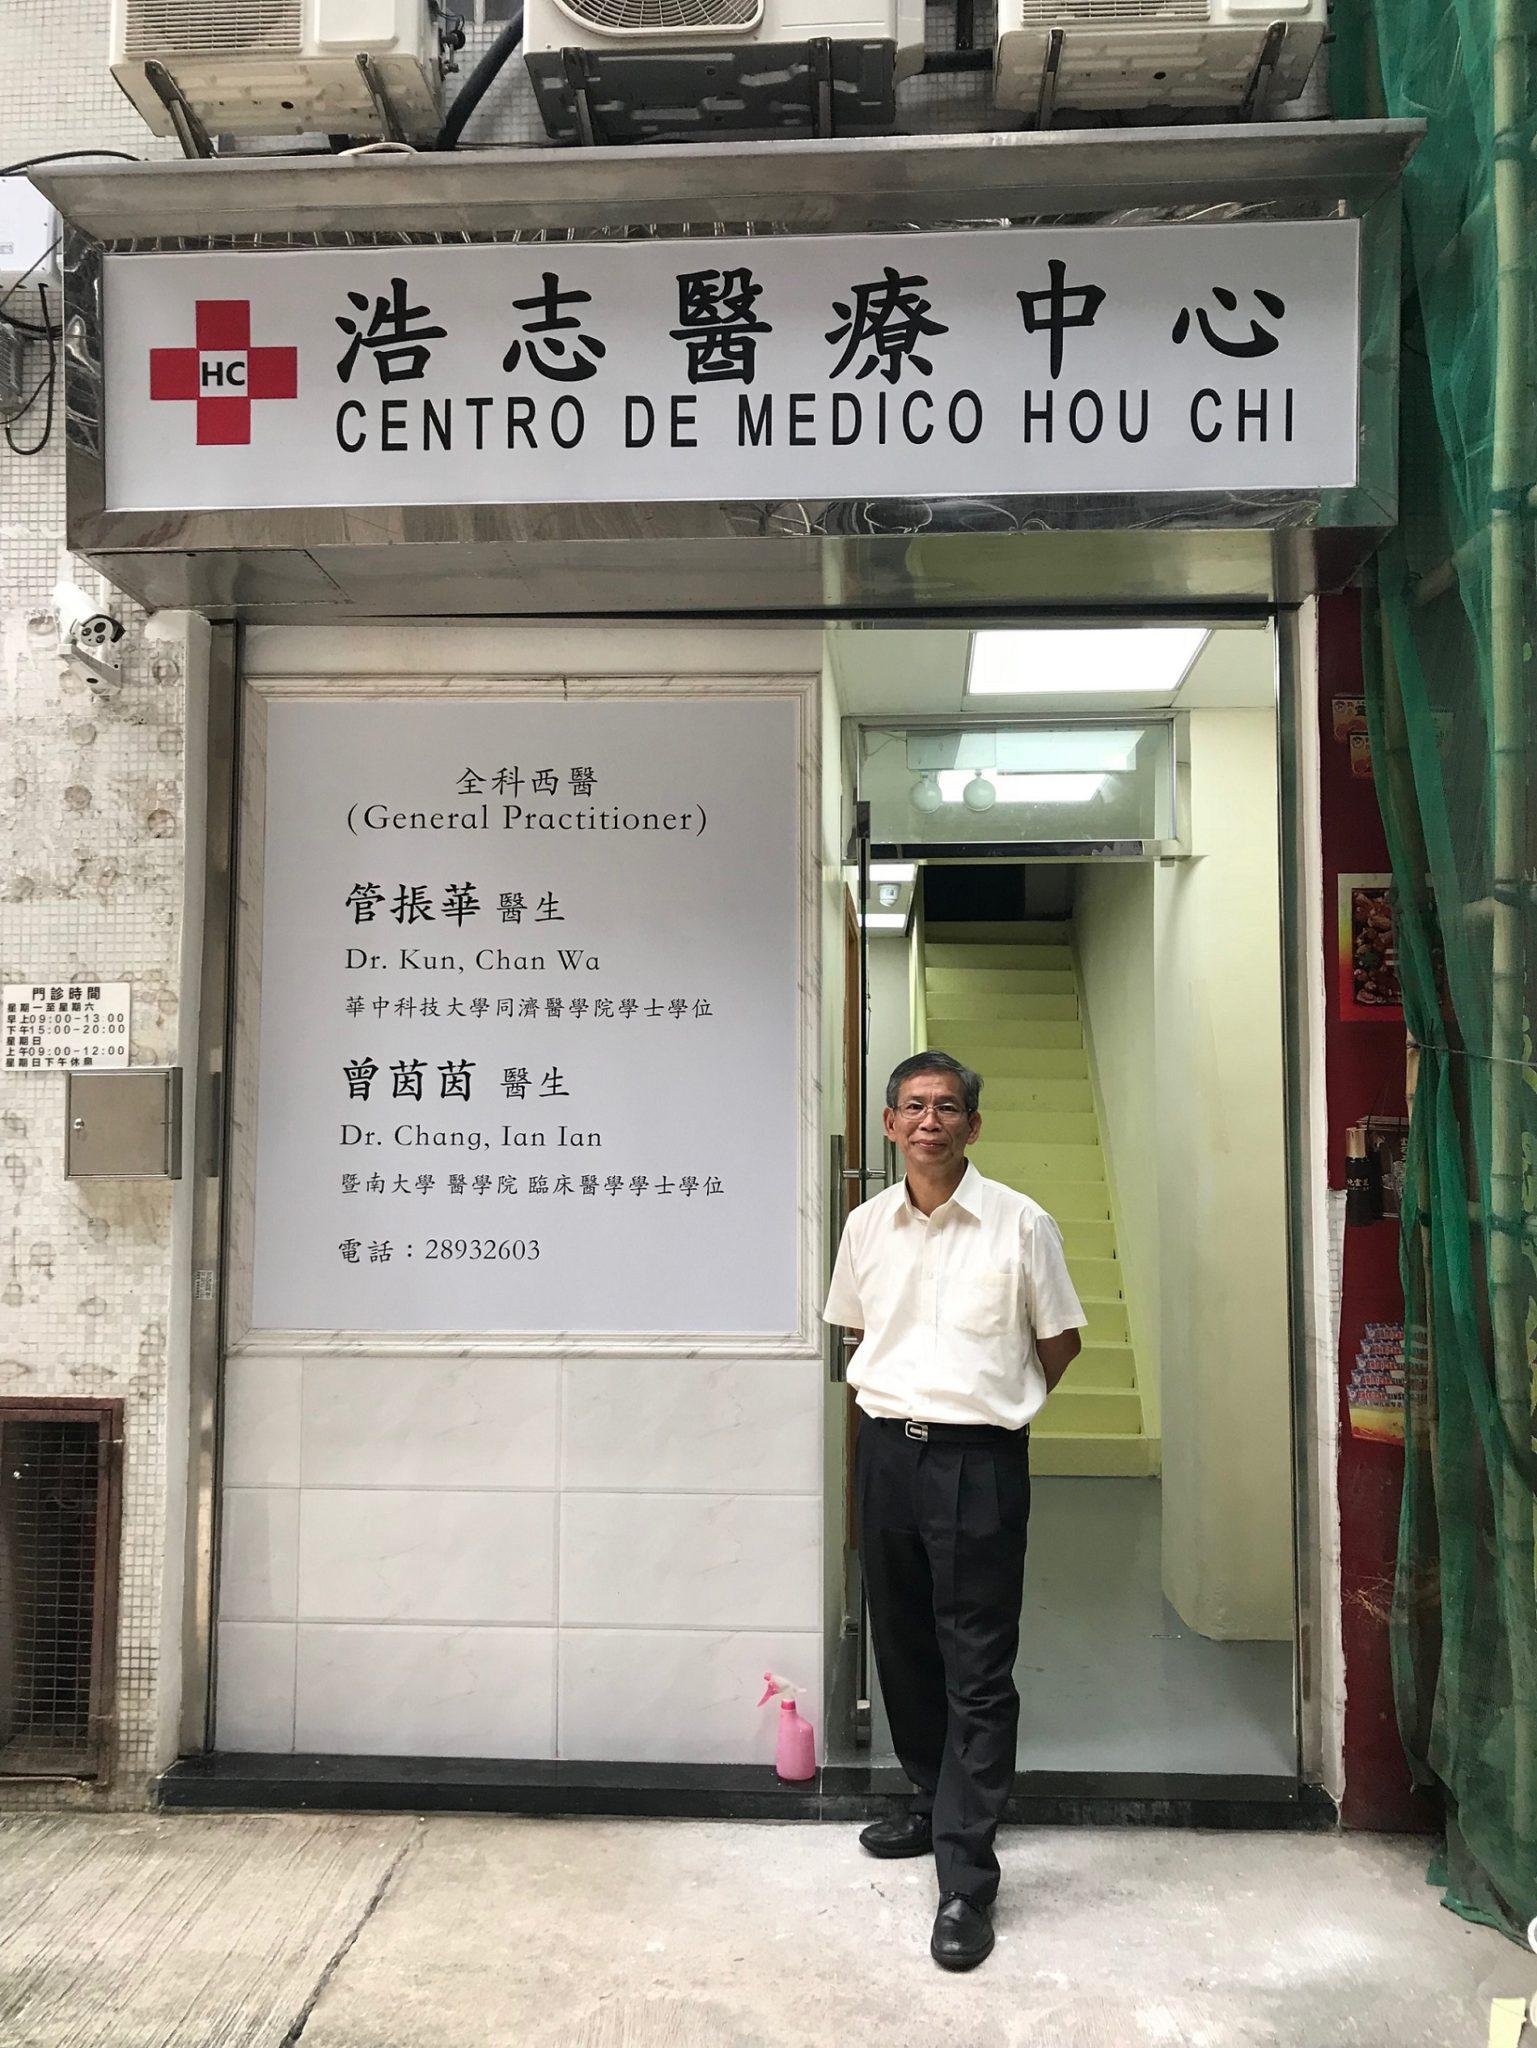 Apoio social   Caritas quer abrir clínica dentária no próximo ano